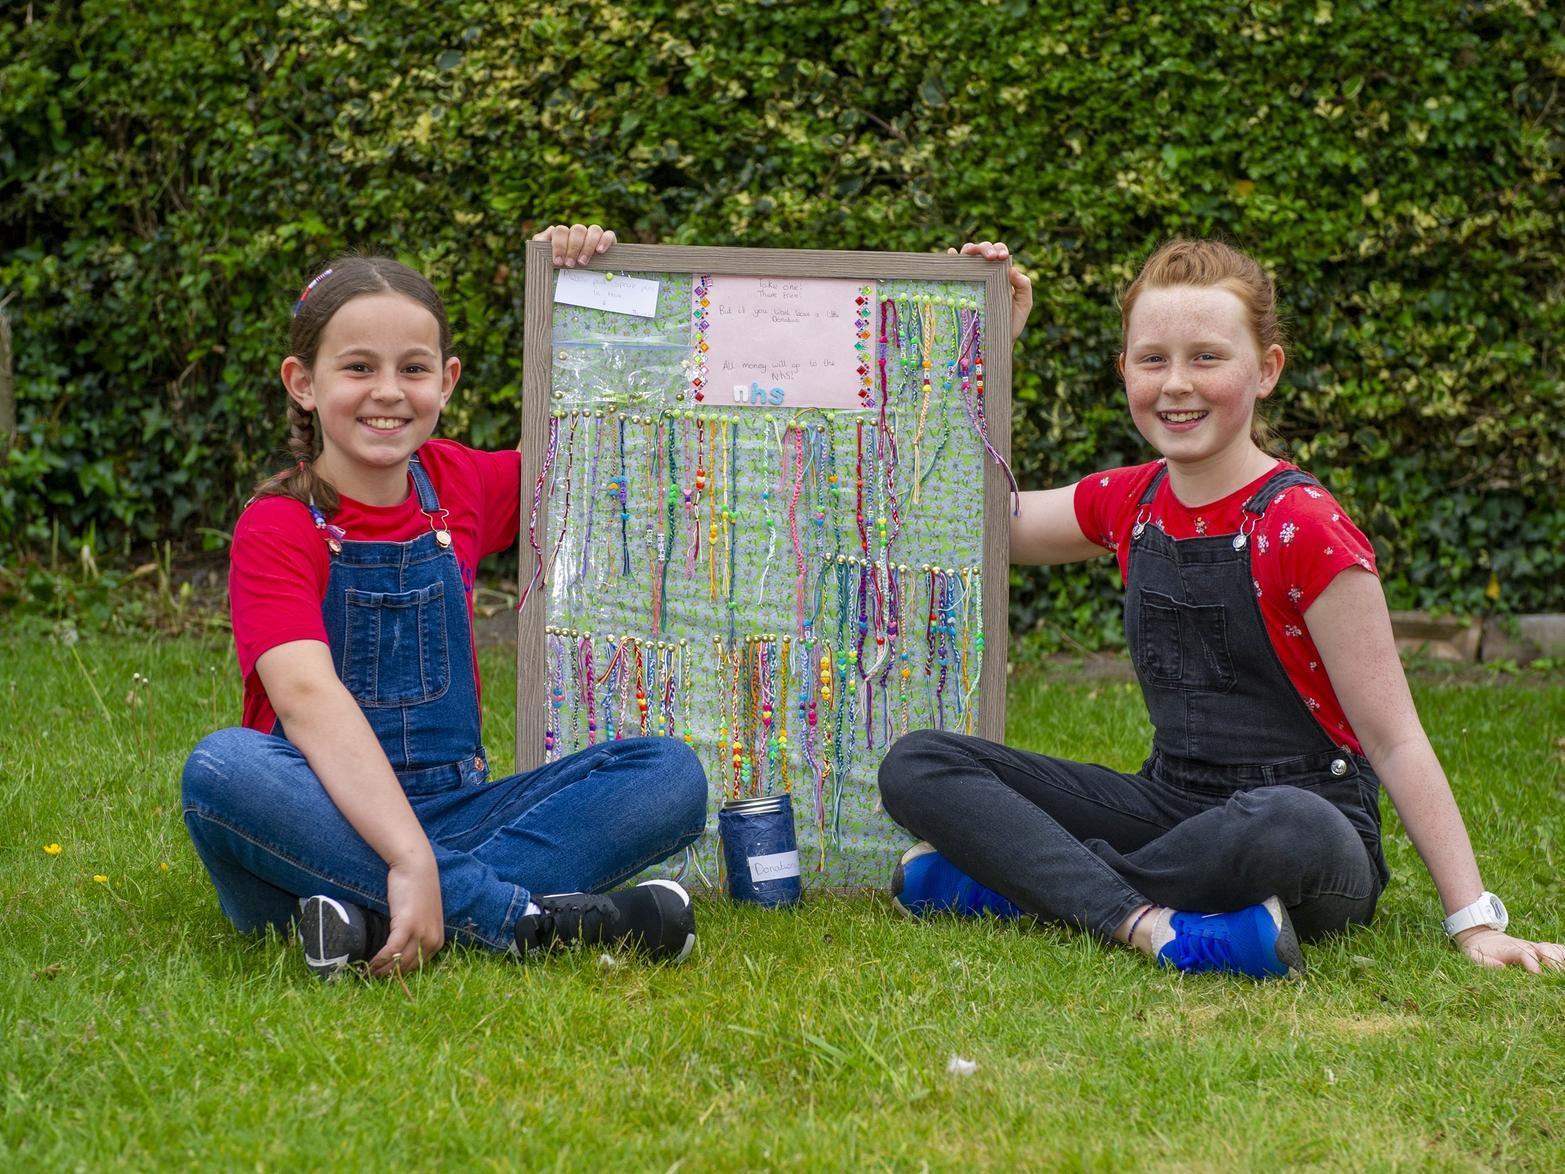 Leeds sisters get crafty in coronavirus lockdown making bracelets for charity